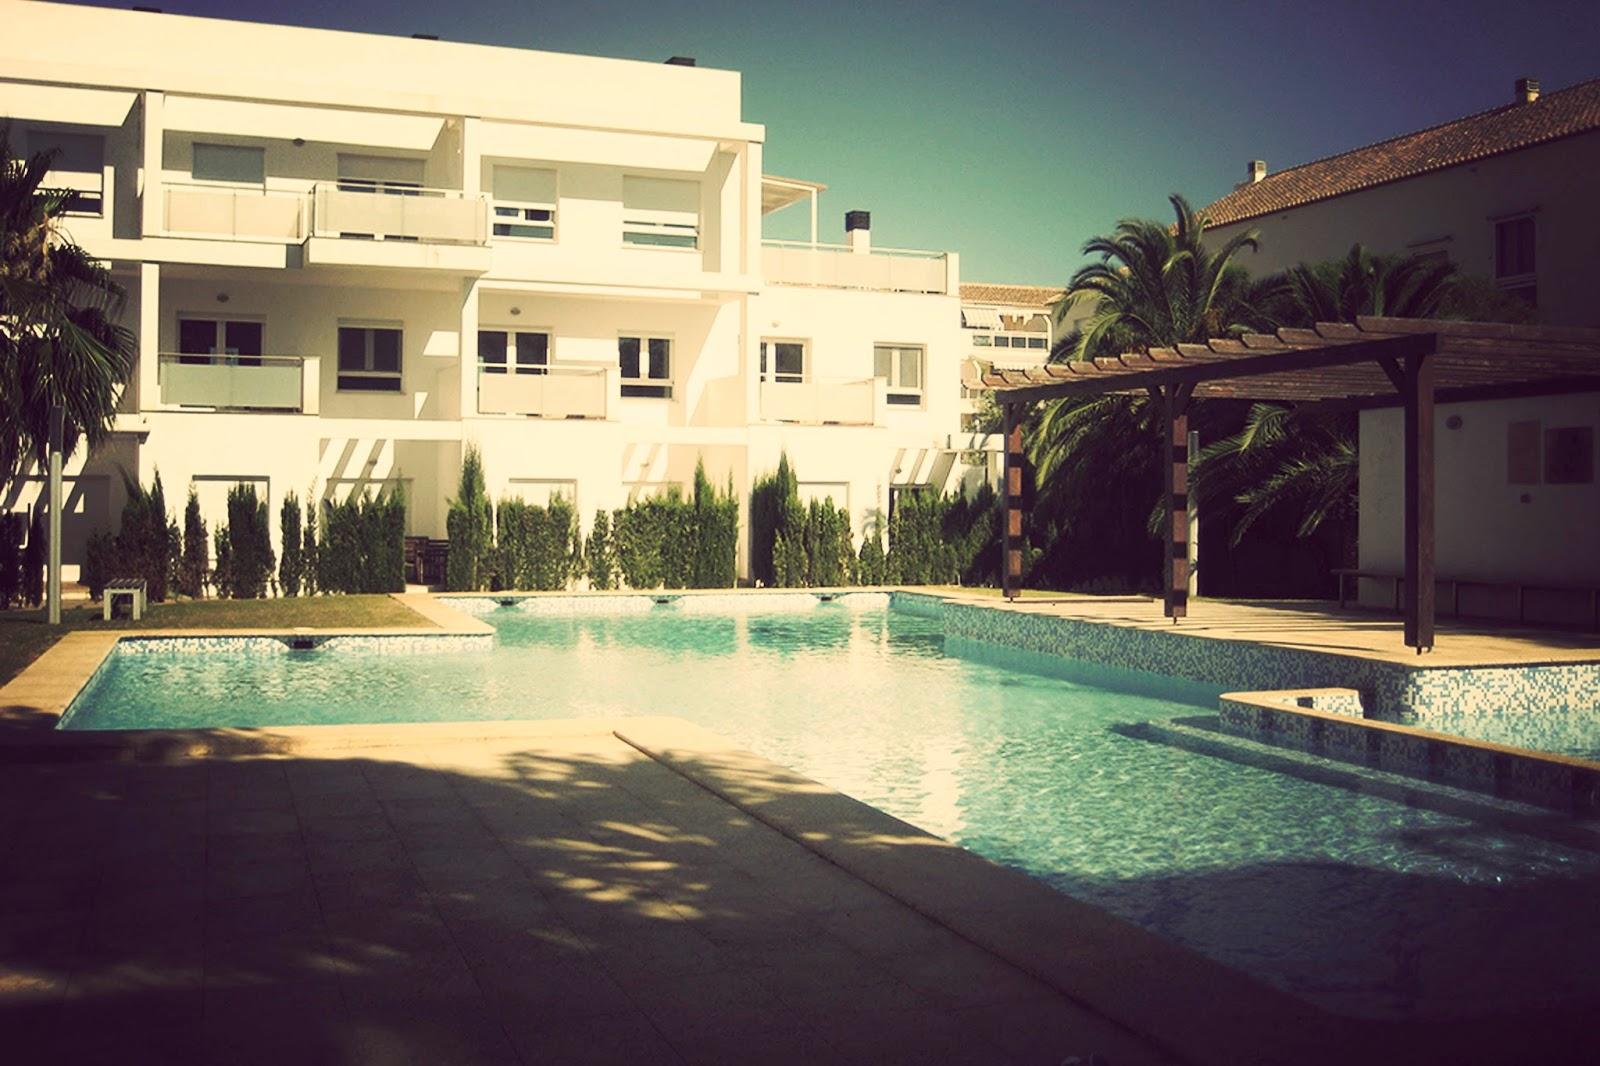 Apartamentos H3 Belman. Alan Blesa y Sonia Soler. tourvintage.blogspot.com